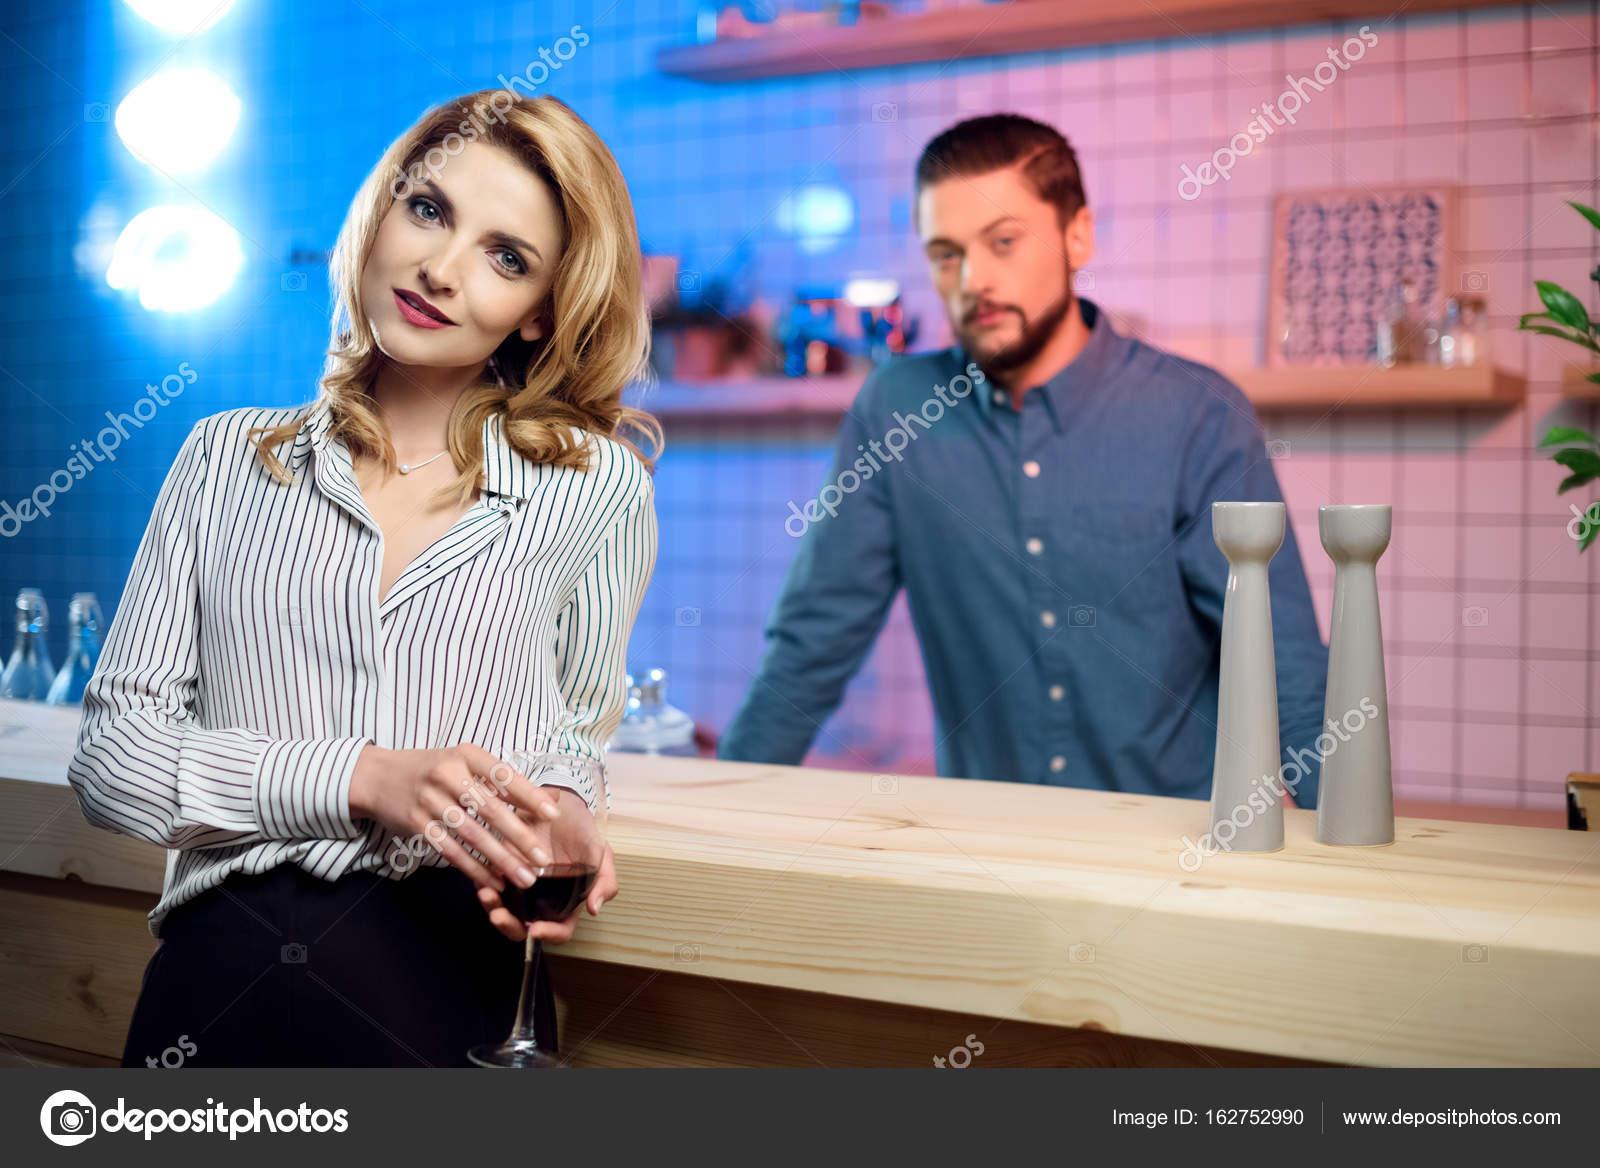 Frau trinkt Wein in der Bar — Stockfoto © EdZbarzhyvetsky #162752990